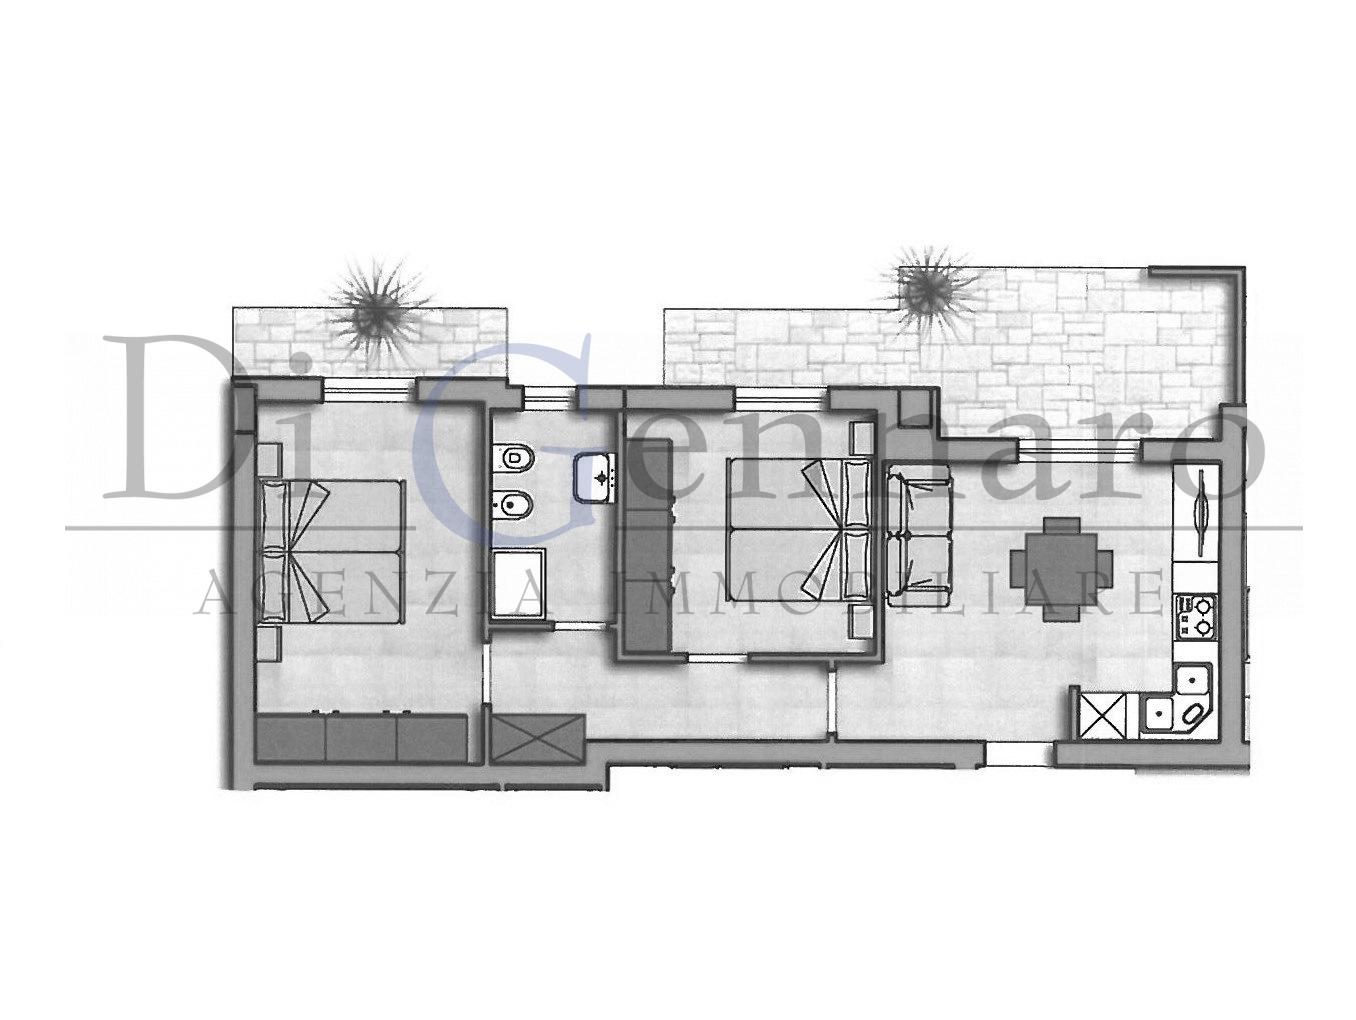 vendita appartamento alba adriatica zona mare  129000 euro  3 locali  60 mq